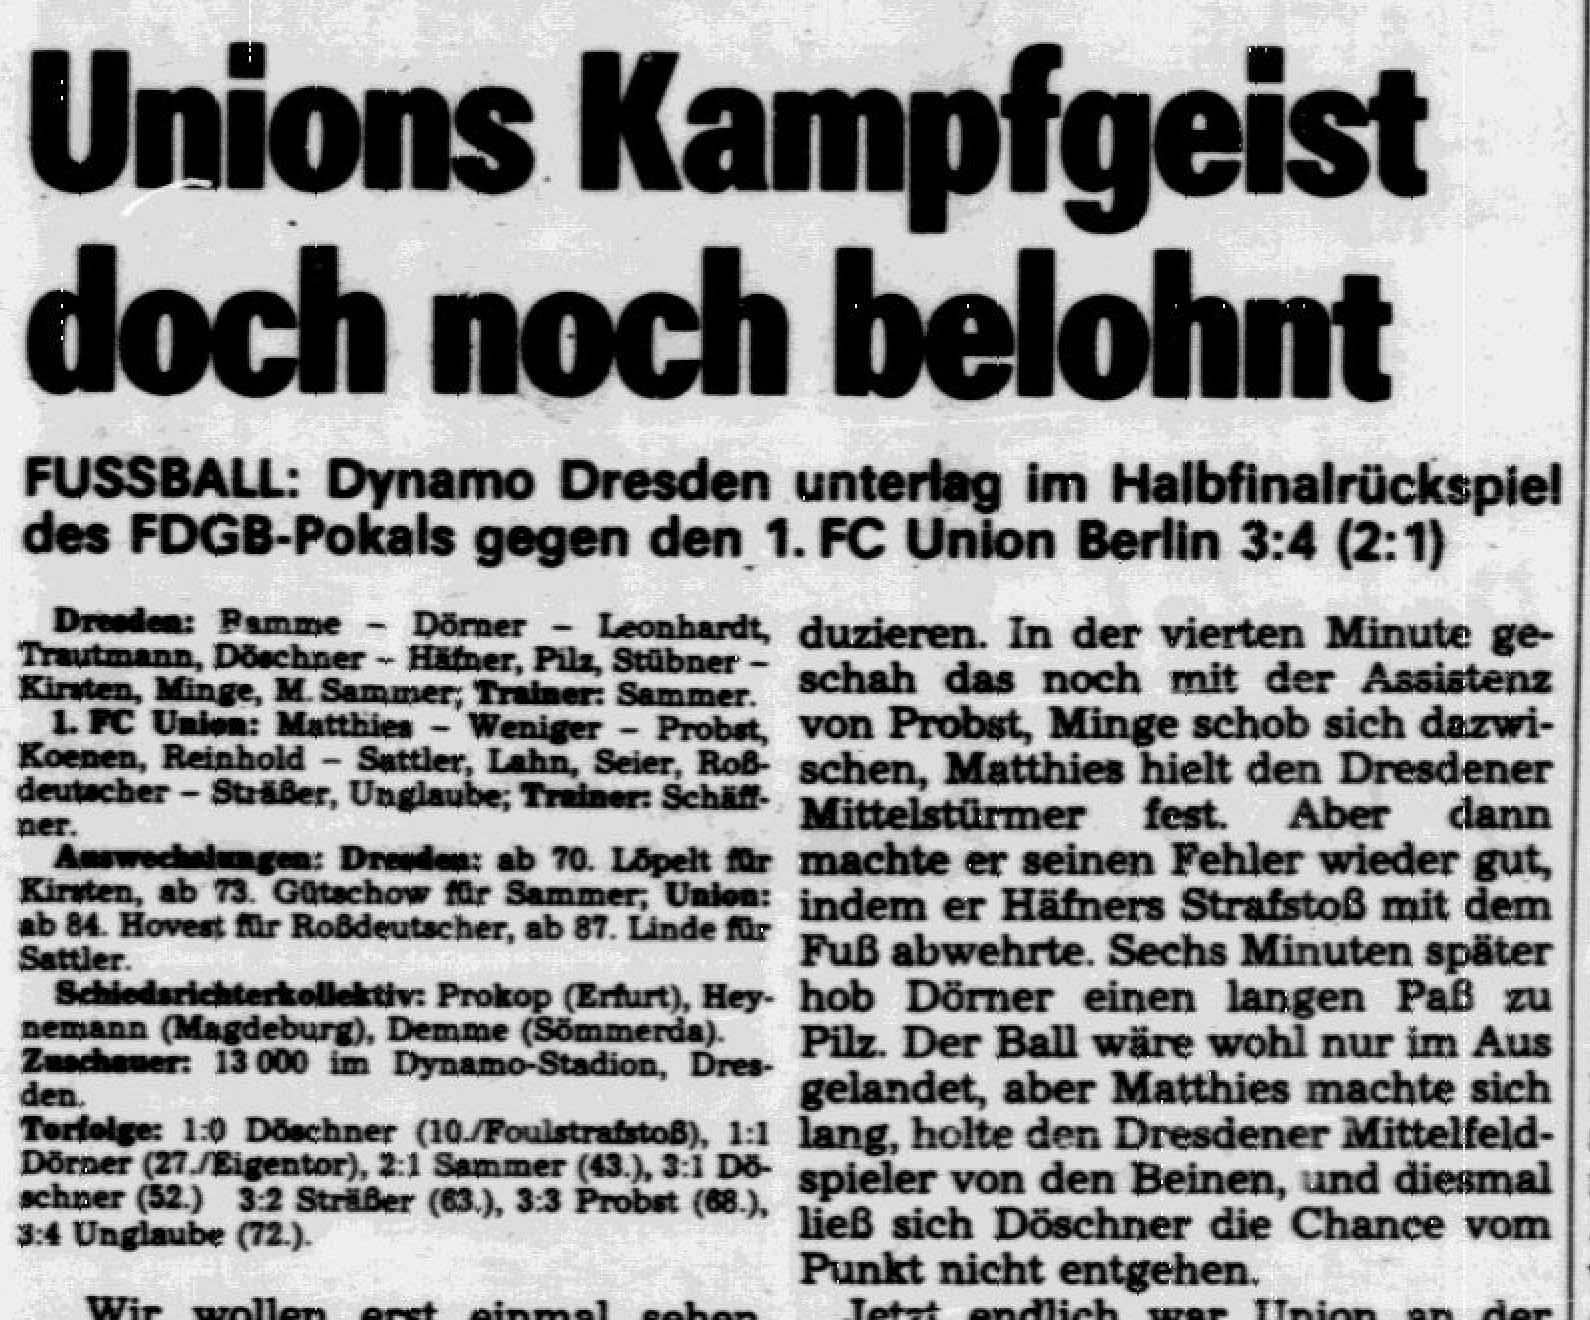 So berichtete das Deutsche Sportecho vom Rückspiel des FDGB-Pokals zwischen Dresden und Union Berlin